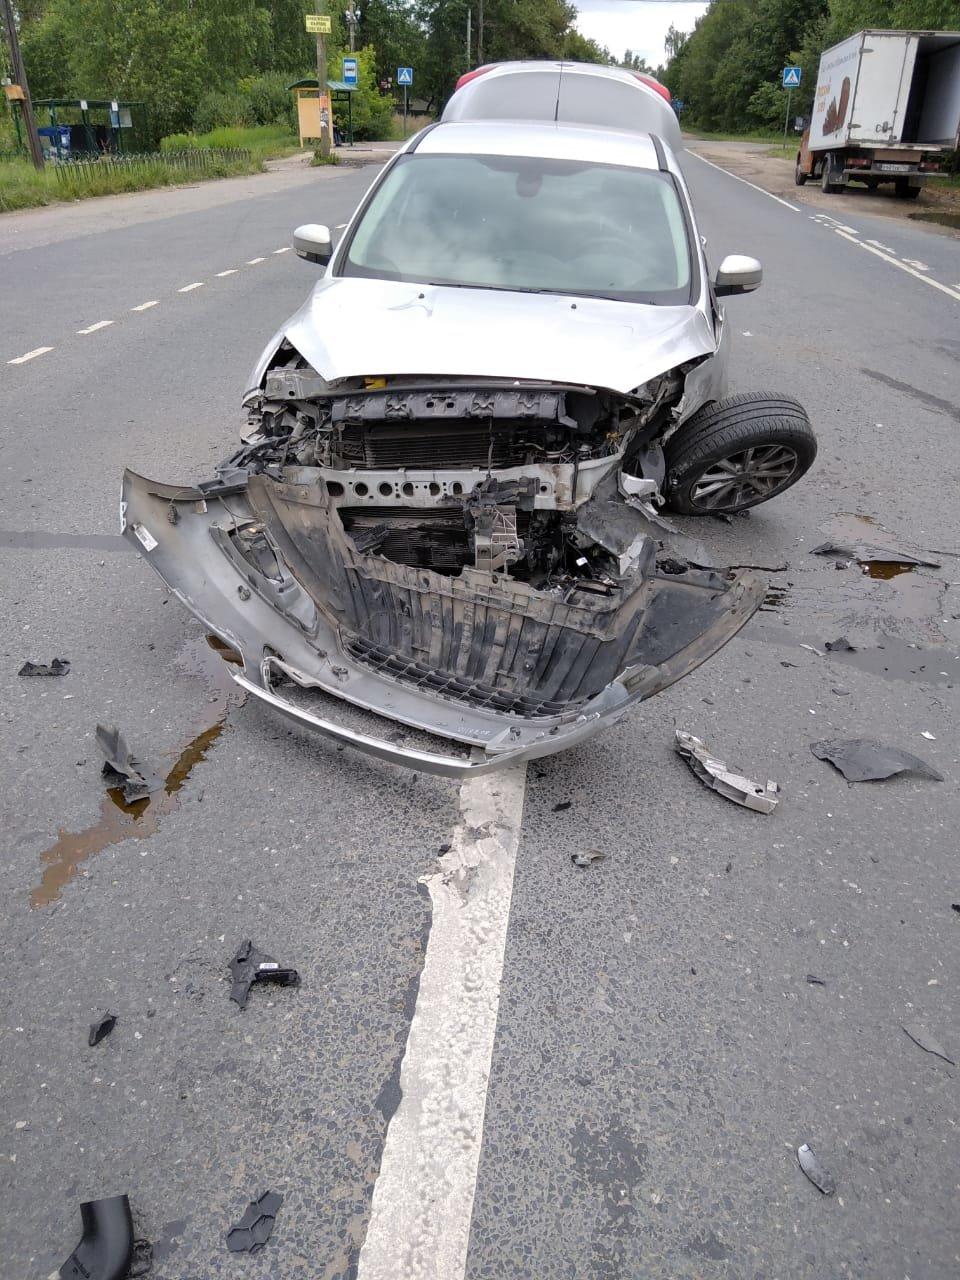 Сводка дорожно-транспортных происшествий в Сергиевом Посаде с 17 по 24 июля 2020 года, фото-3